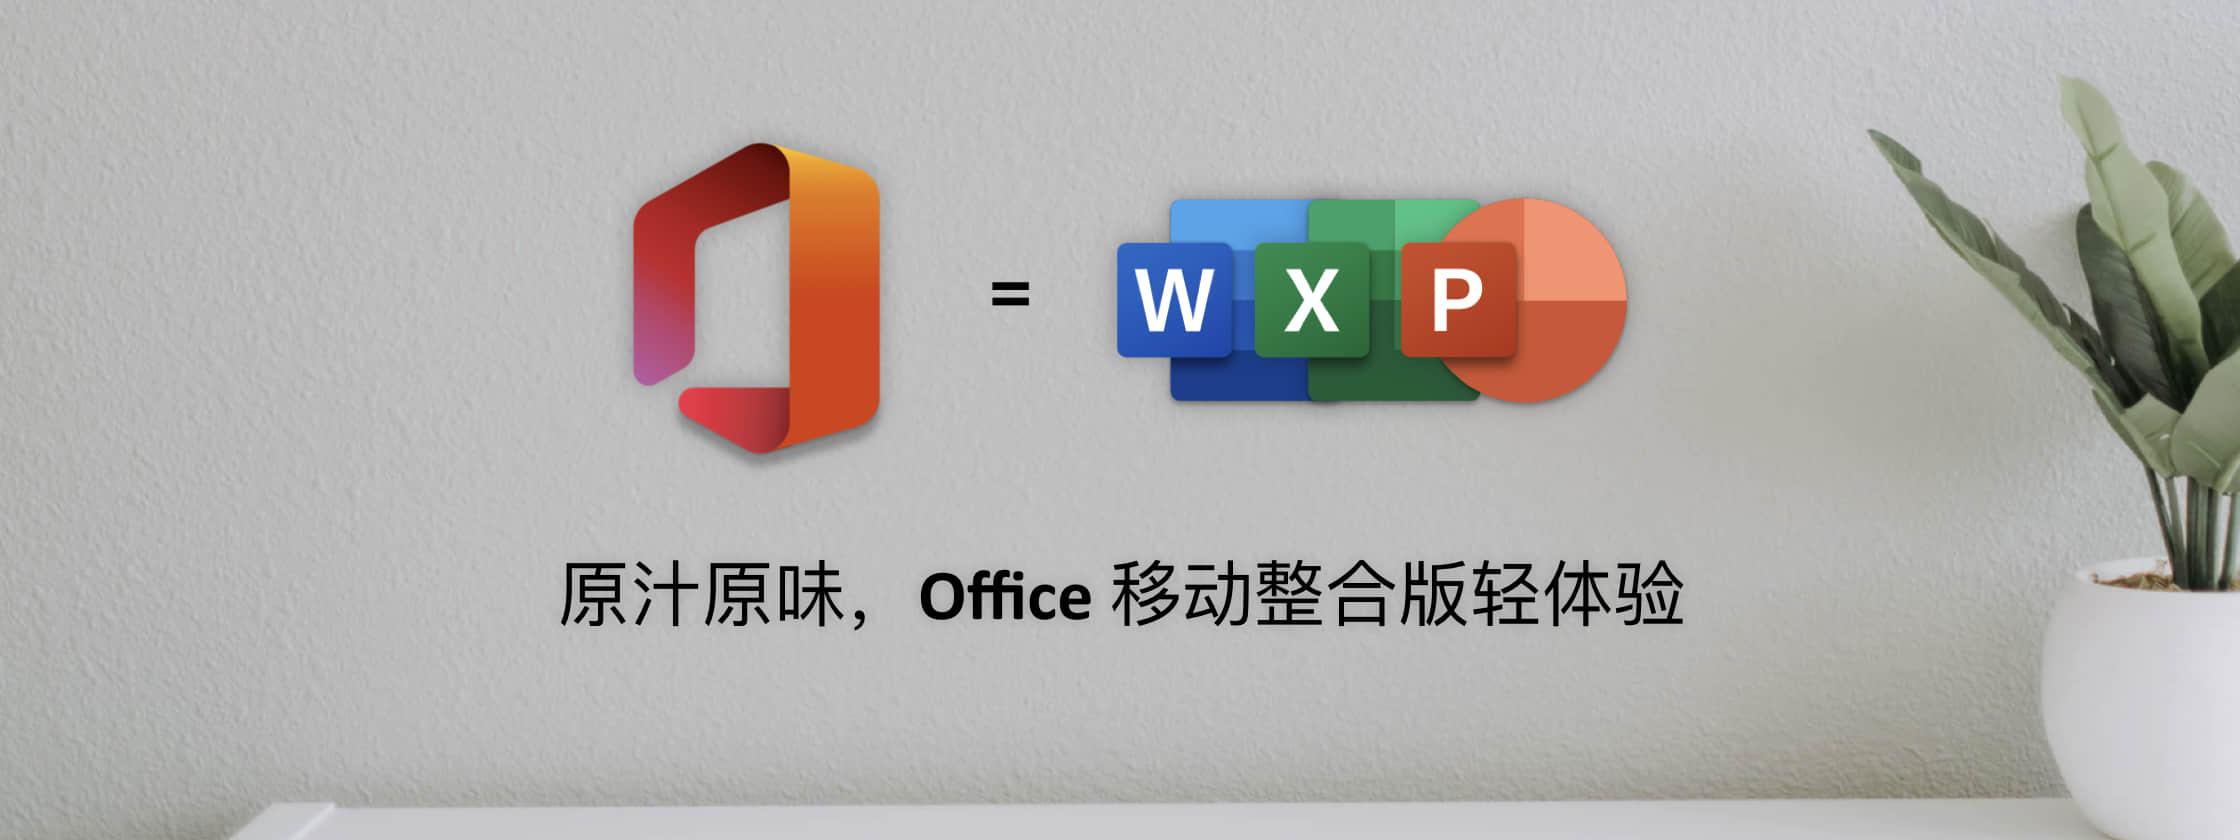 原汁原味三合一,Office 移动整合版轻体验